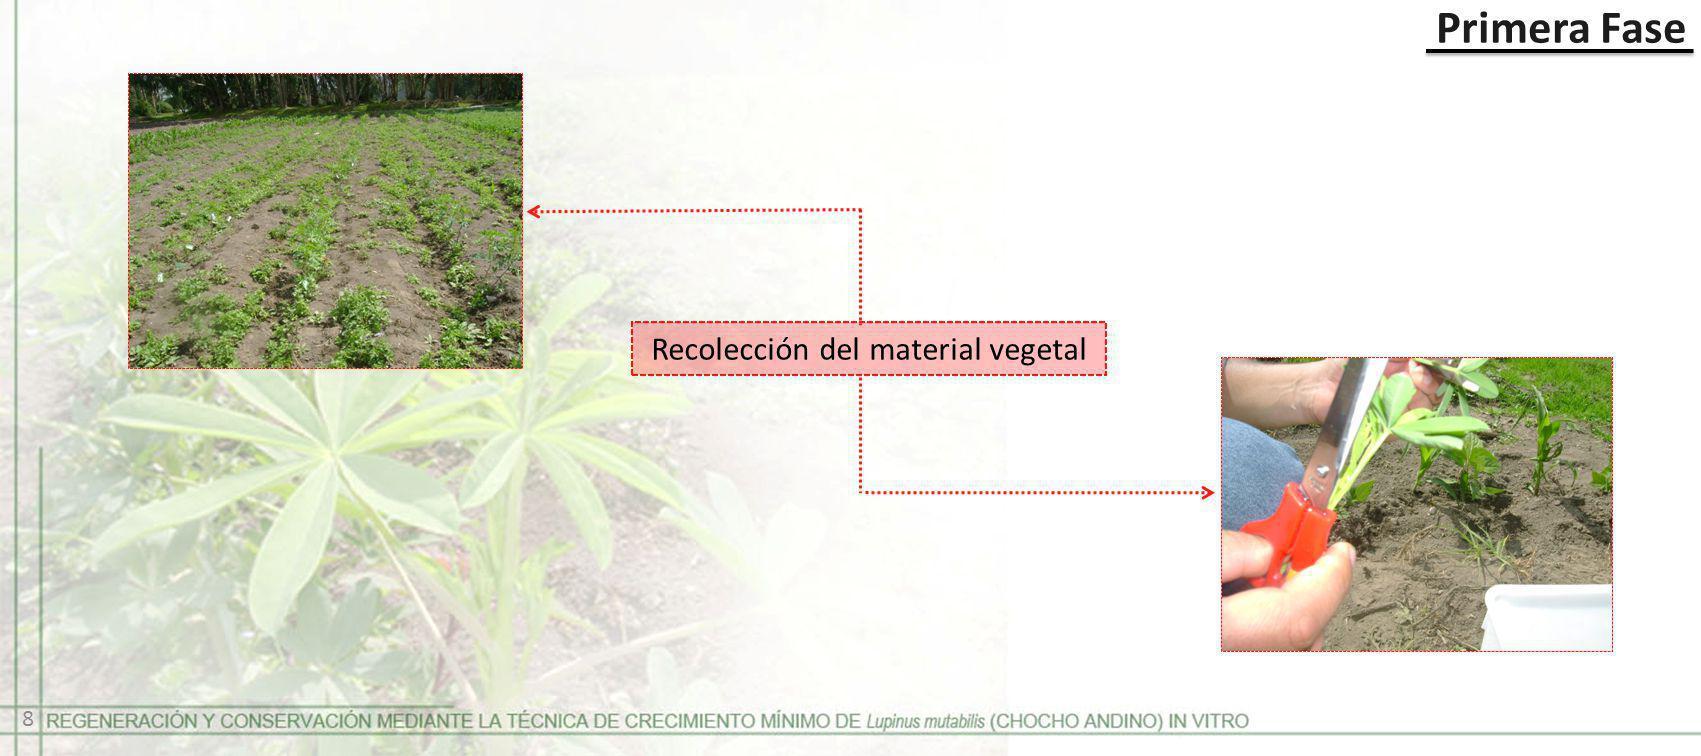 Recolección del material vegetal